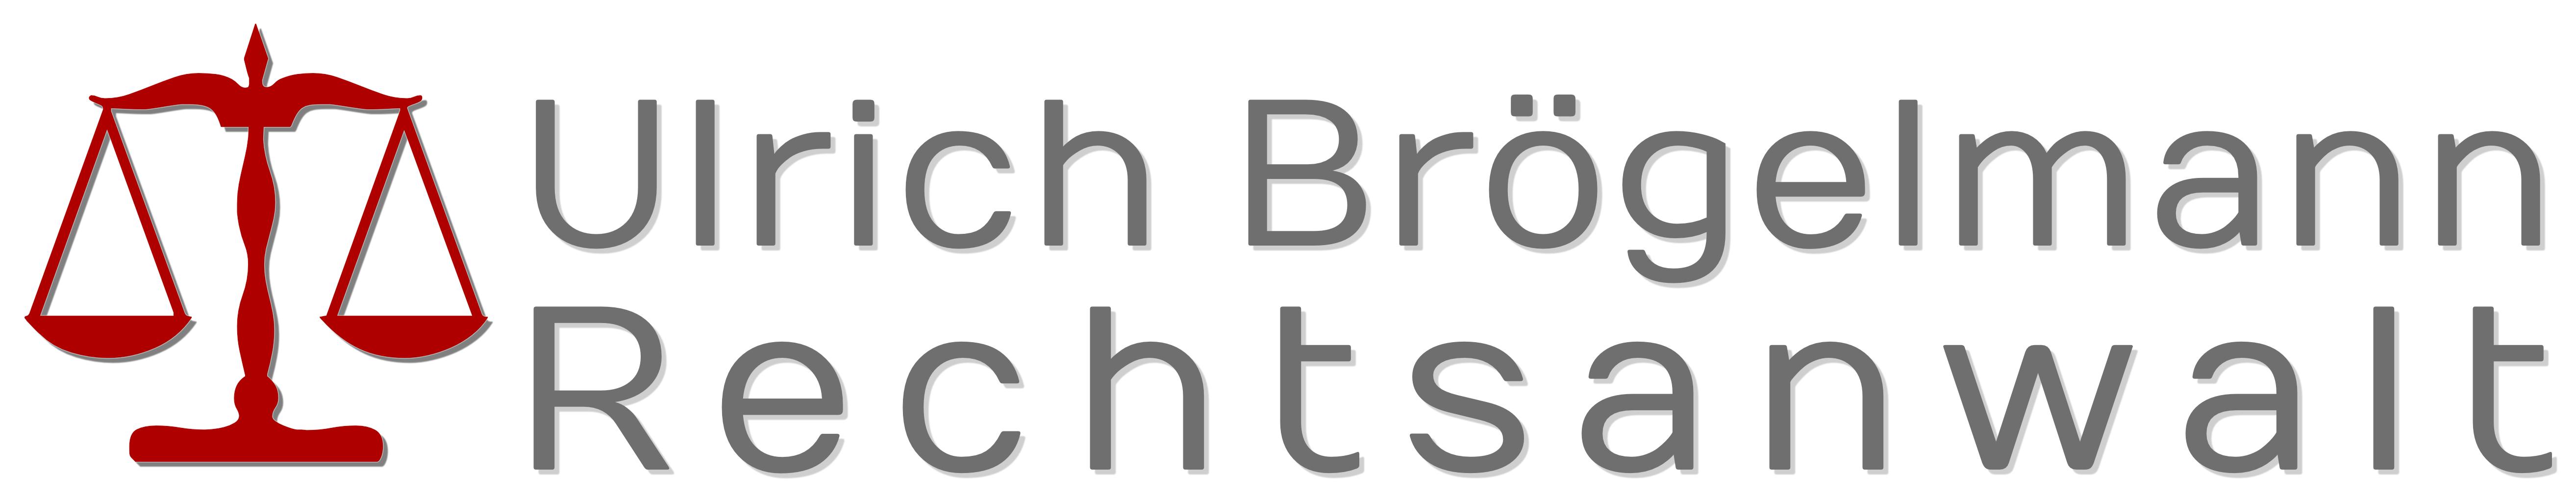 Rechtsanwalt Ulrich Brögelmann | Ihr Rechtsanwalt in Bergisch Gladbach für Arbeitsrecht, Familienrecht, Medizinrecht, Mietrecht, Verkehrsrecht und Zivilrecht